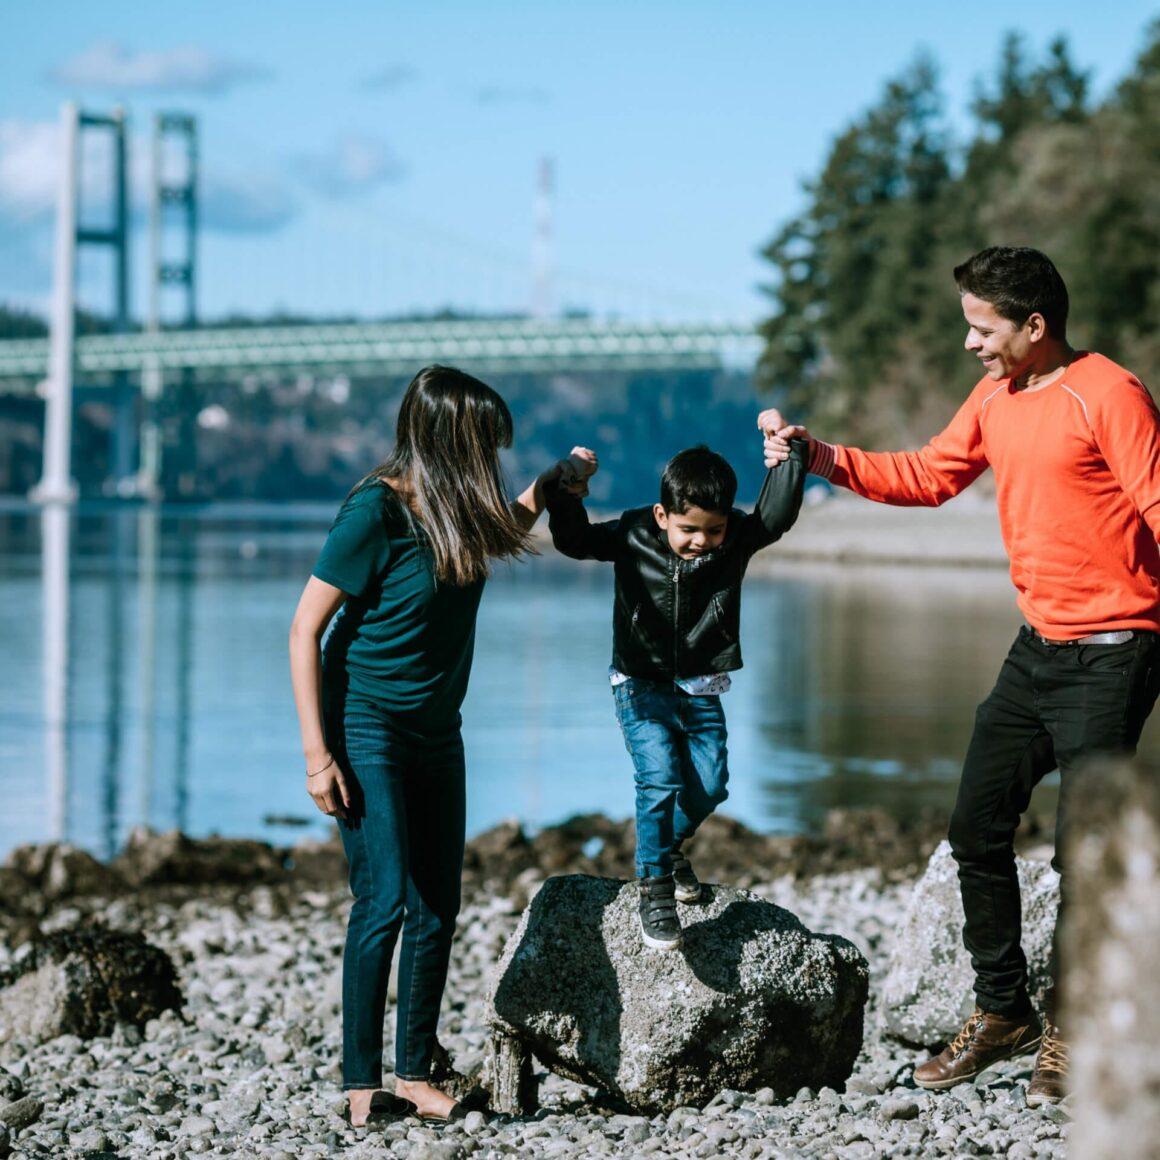 A family walking near a lake.  Having a fun day out.